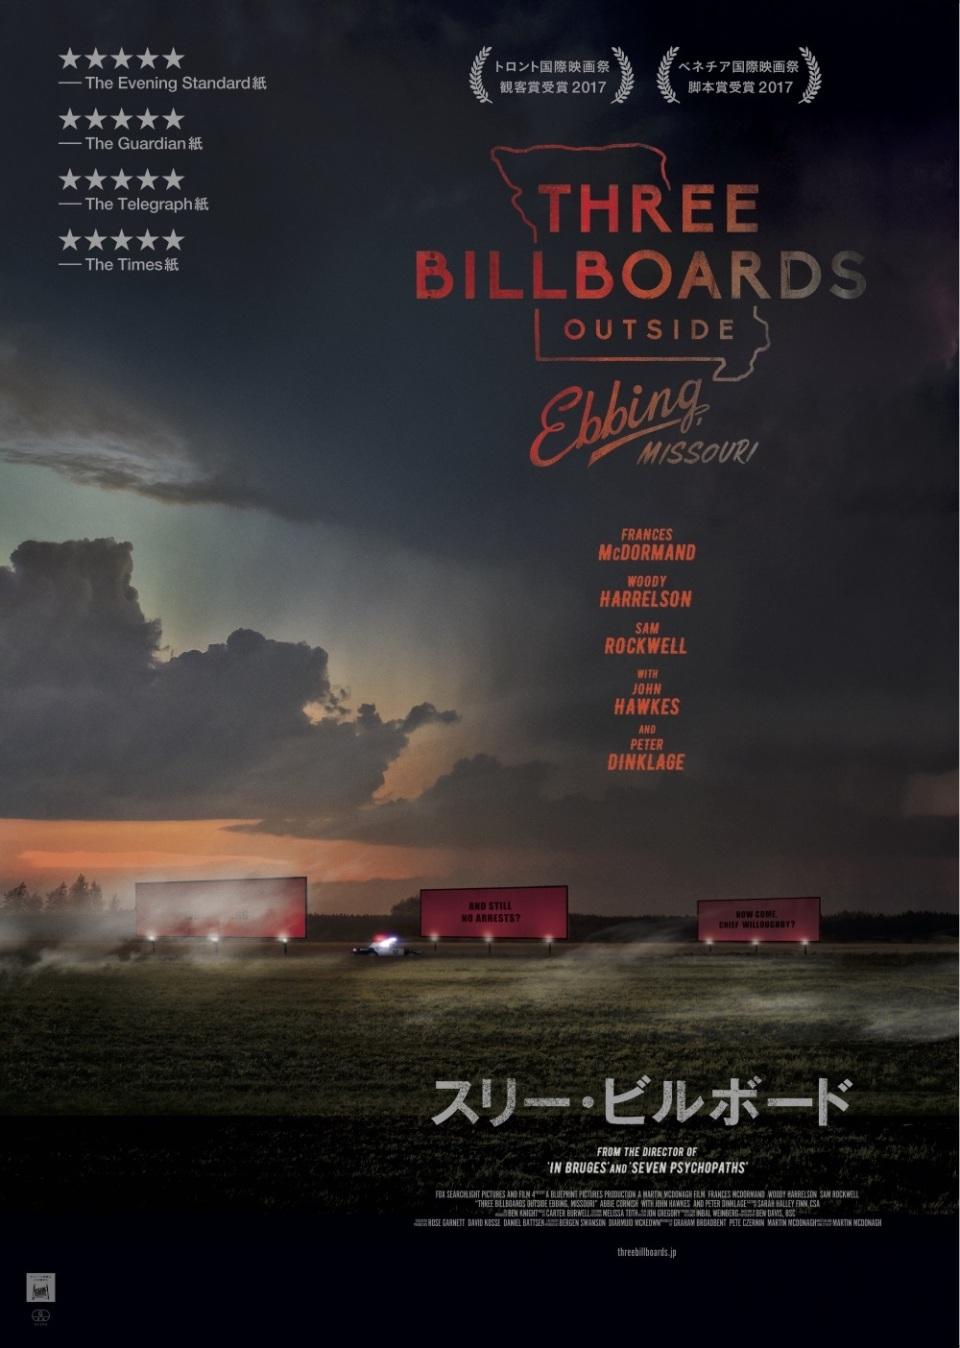 アカデミー賞レース第1弾|衝撃のクライム・サスペンス「スリー・ビルボード」 5番目の画像